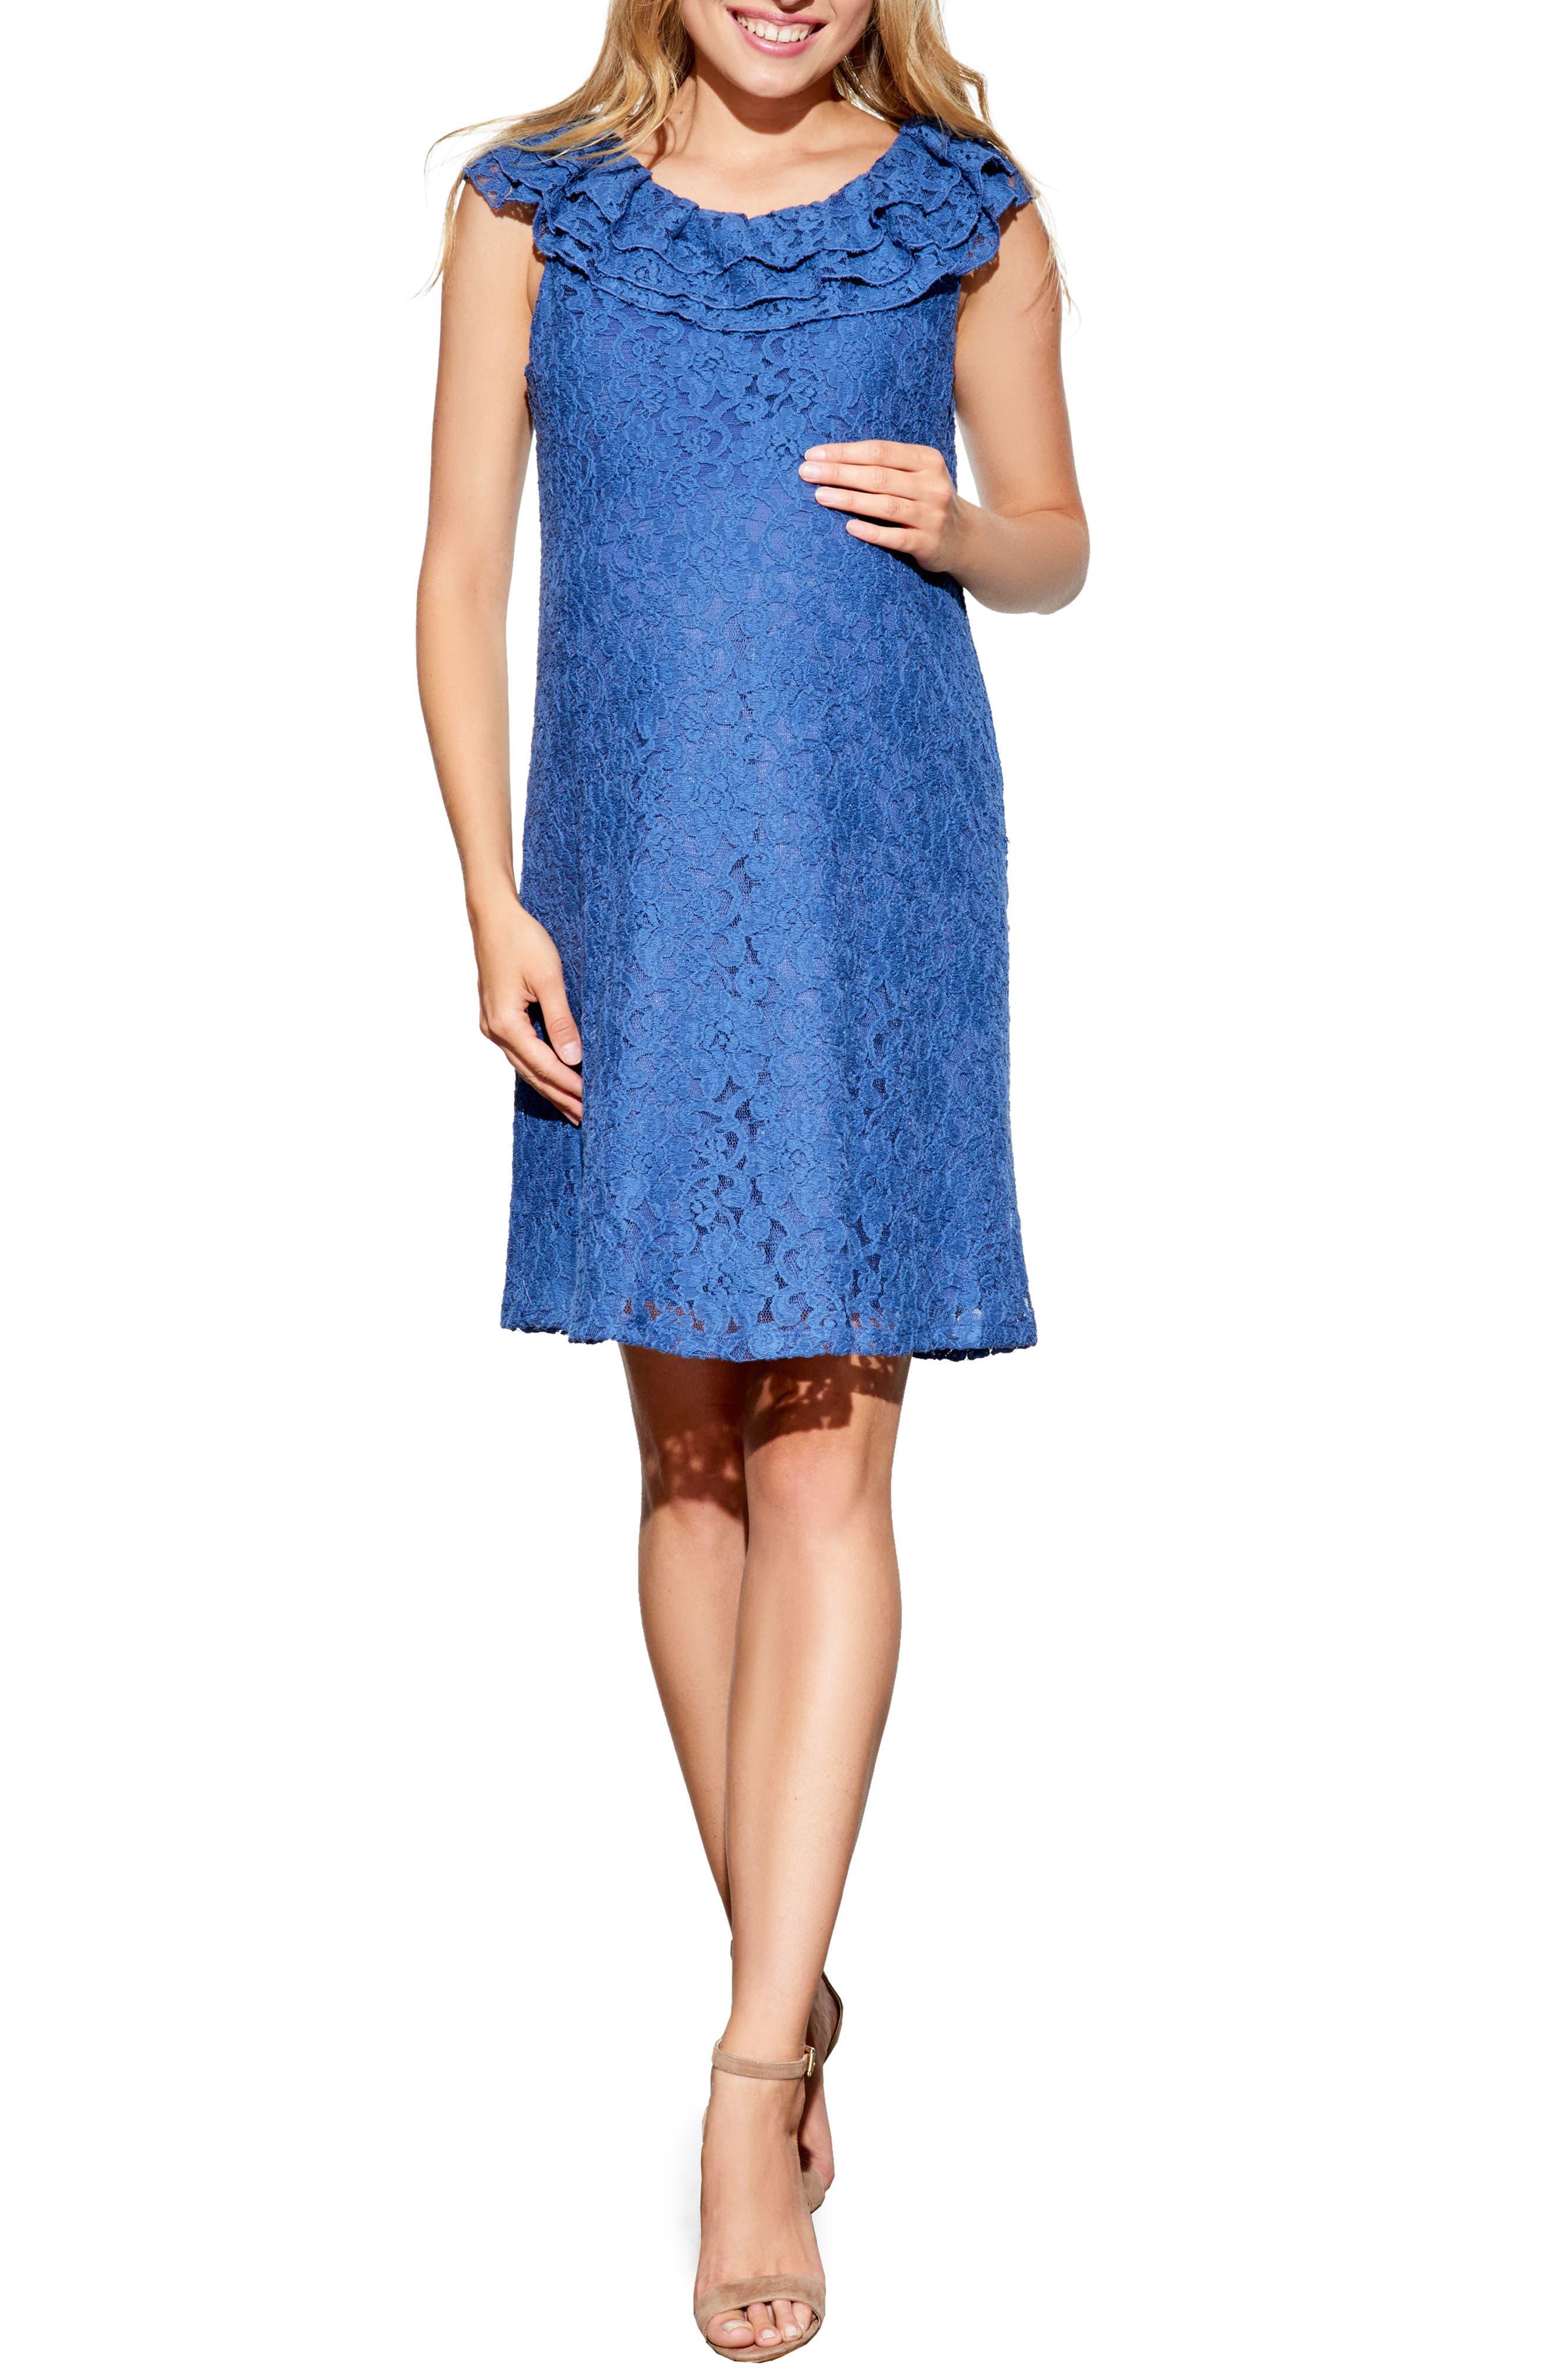 Ruffled Maternity Dress,                         Main,                         color, BLUE